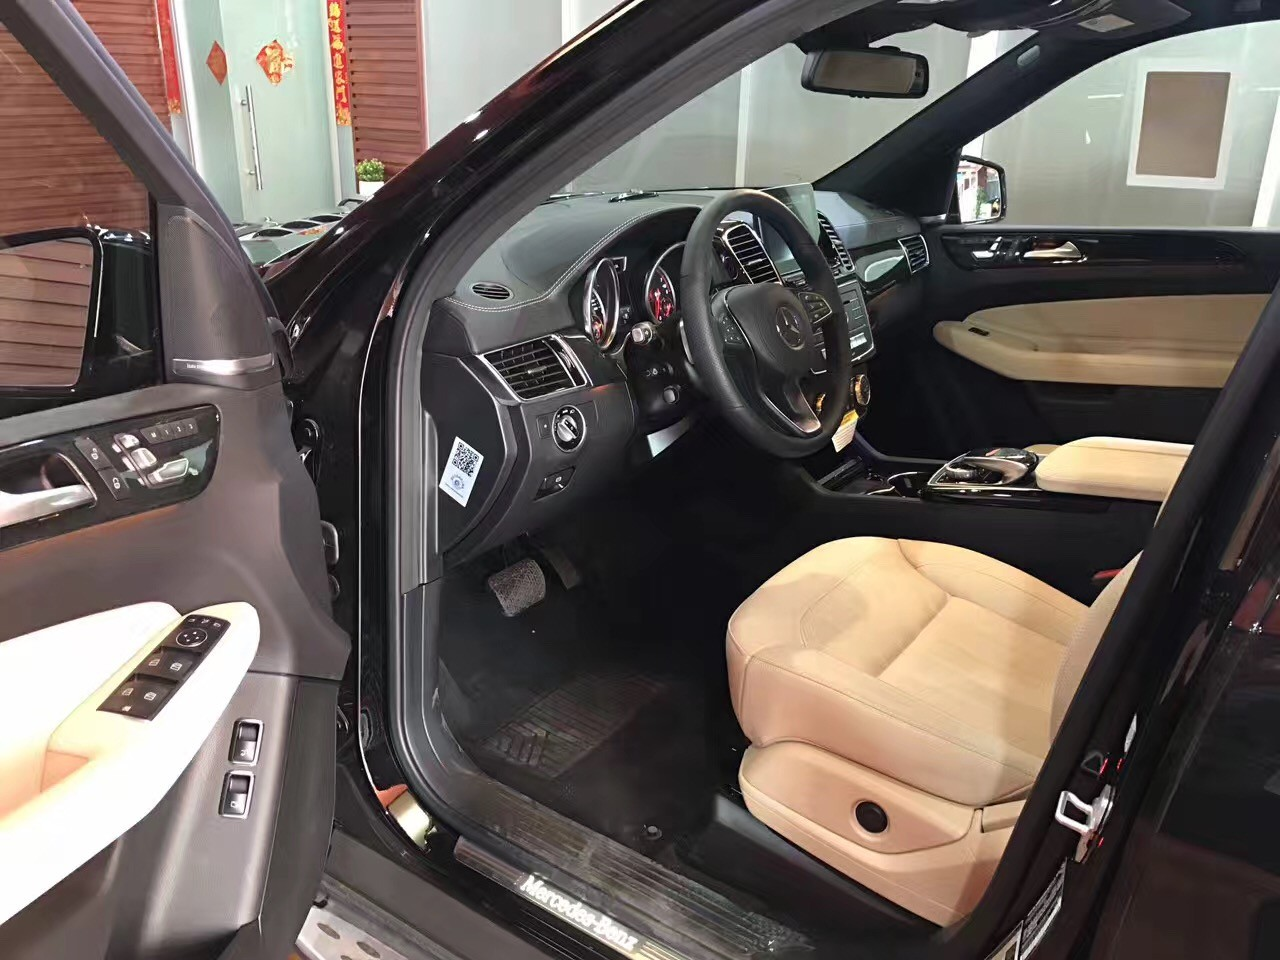 外观方面:2017款奔驰gls450车尾的主要变化就是尾灯,其内部结构进行